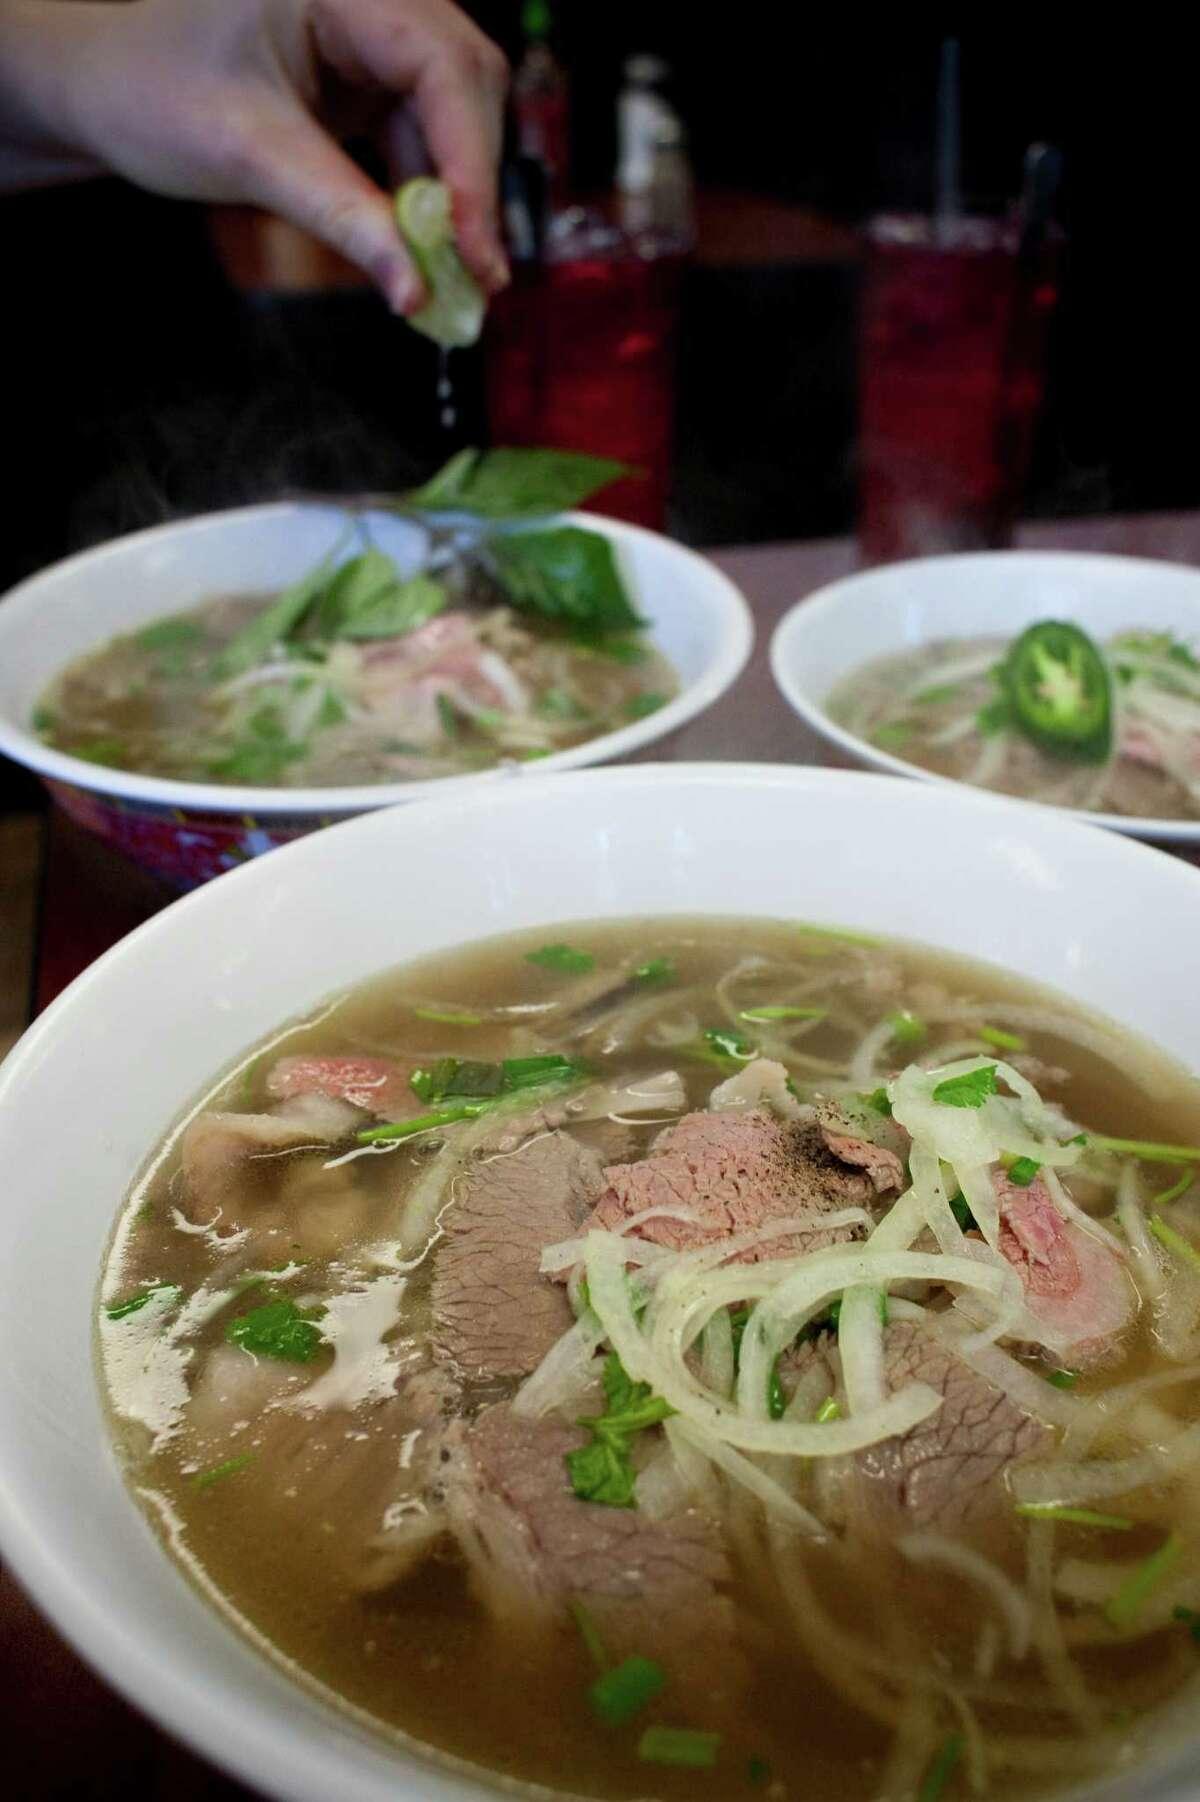 Beef pho at Pho Binh Trailer.